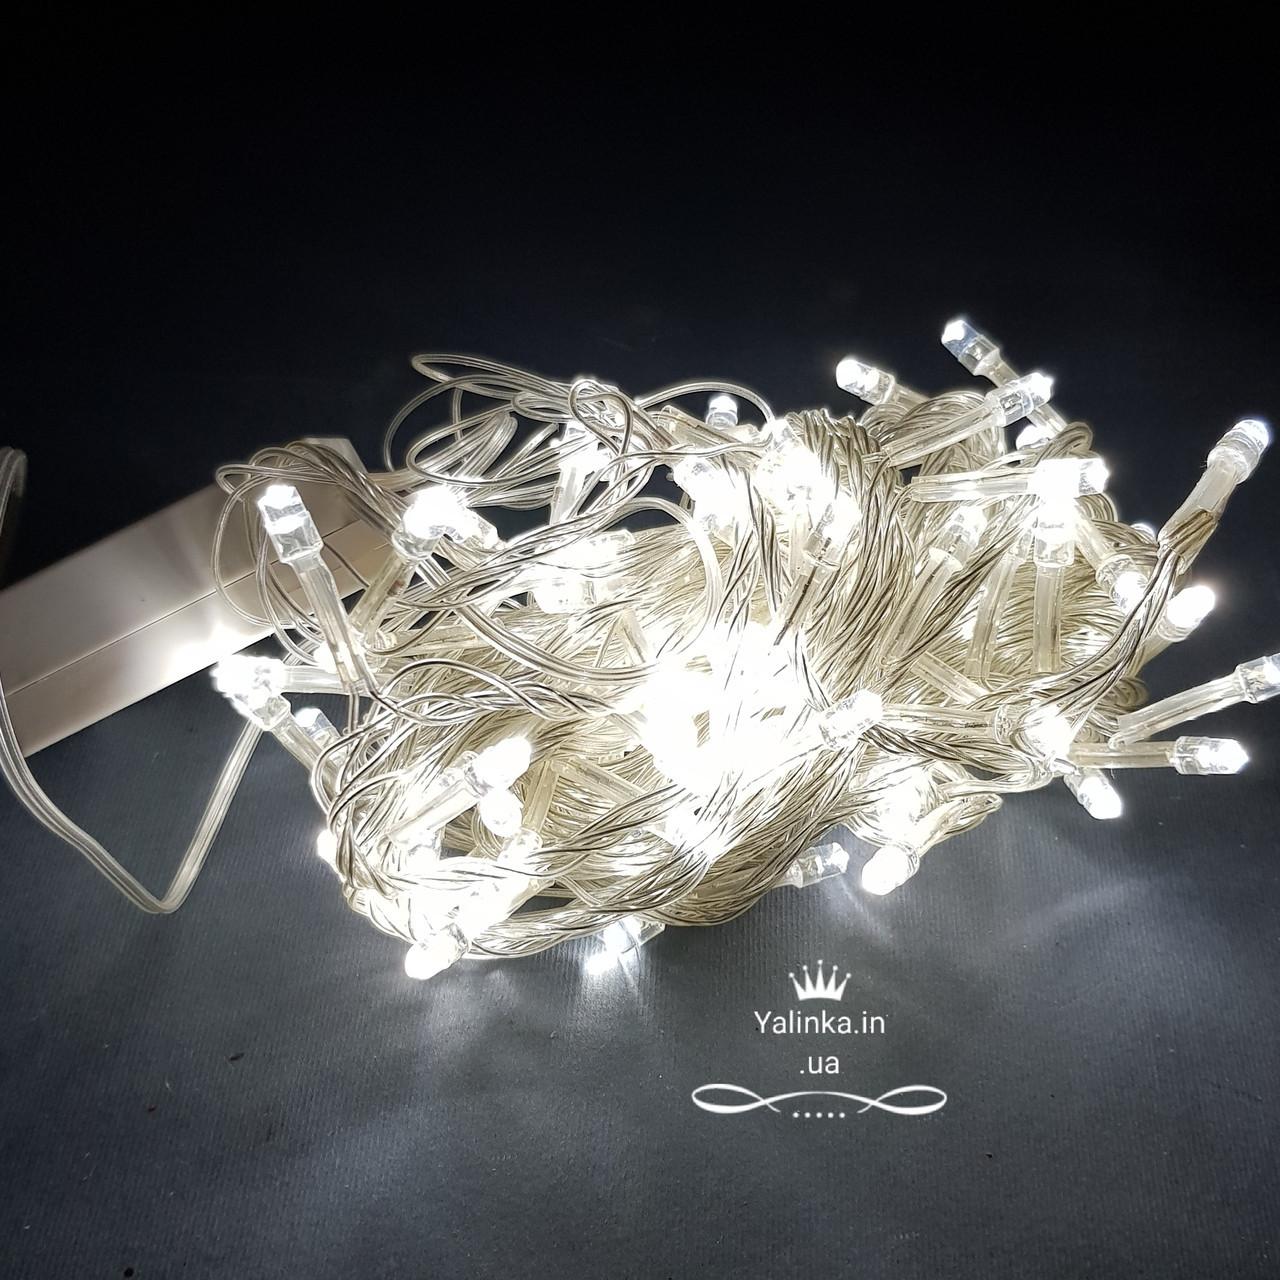 Гирлянда электрическая черный провод  LED  200 новогодняя белая   LED